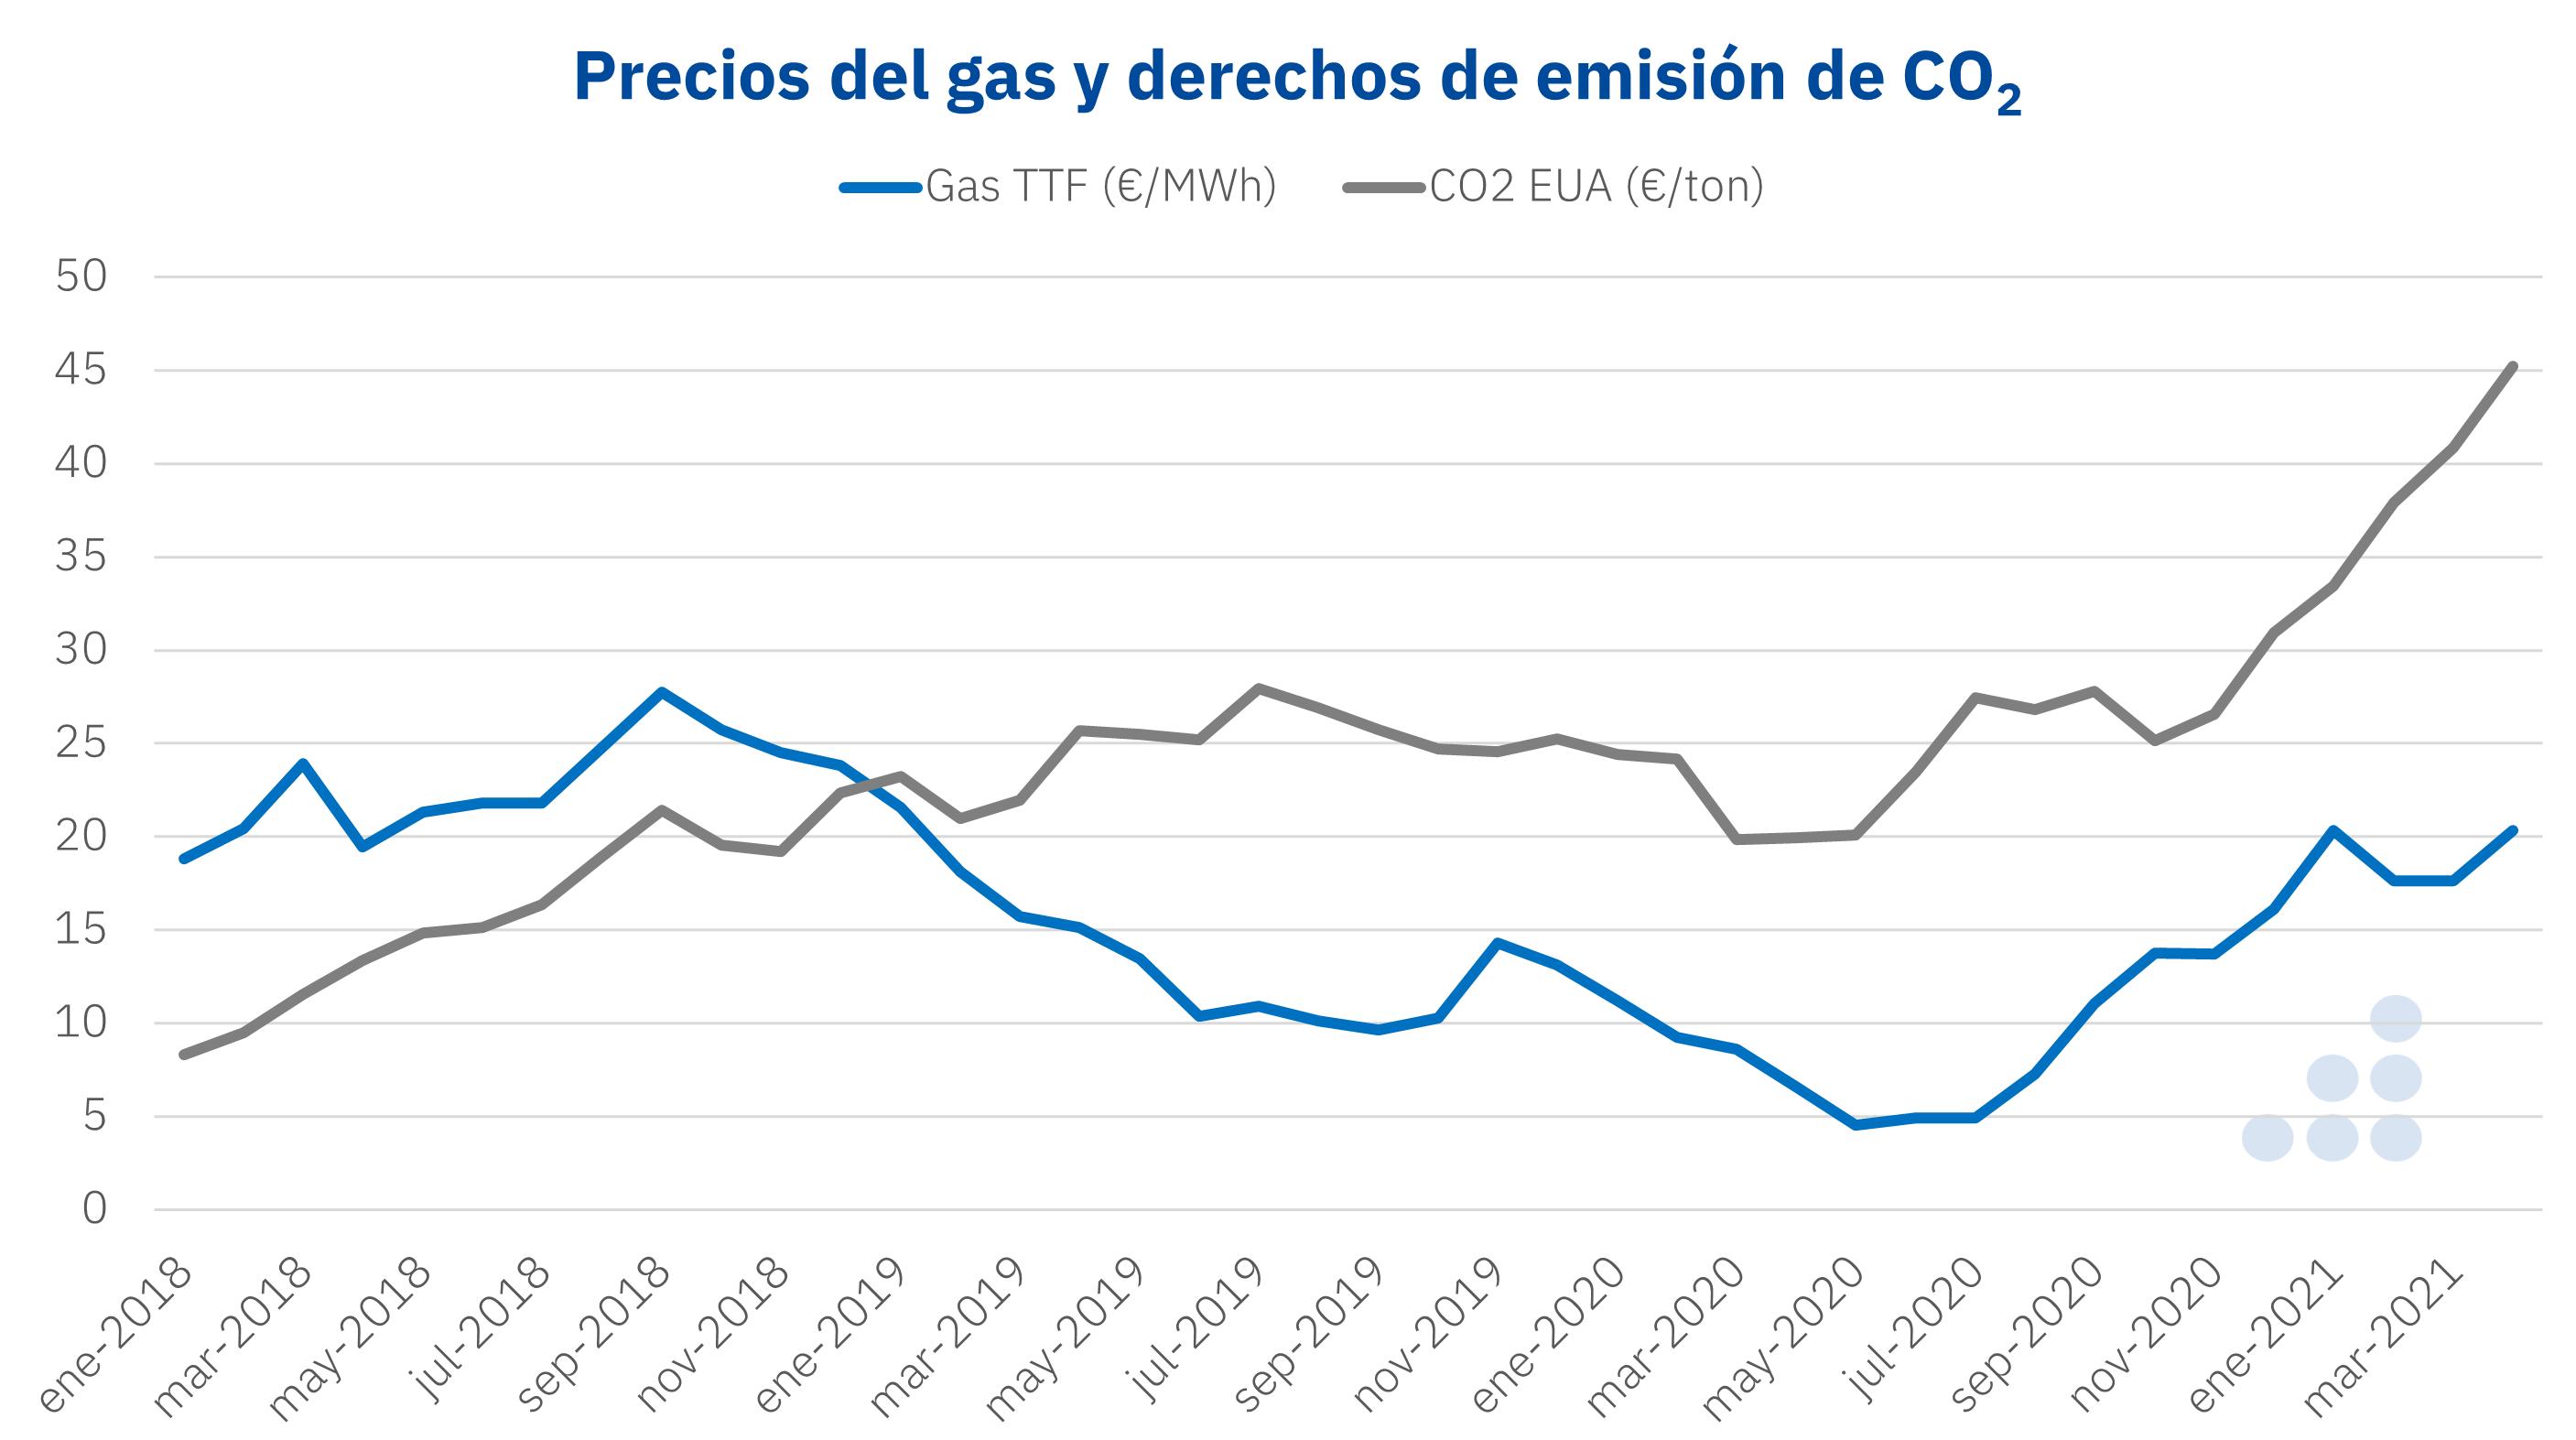 AleaSoft - Precios gas TTF CO2 EUA